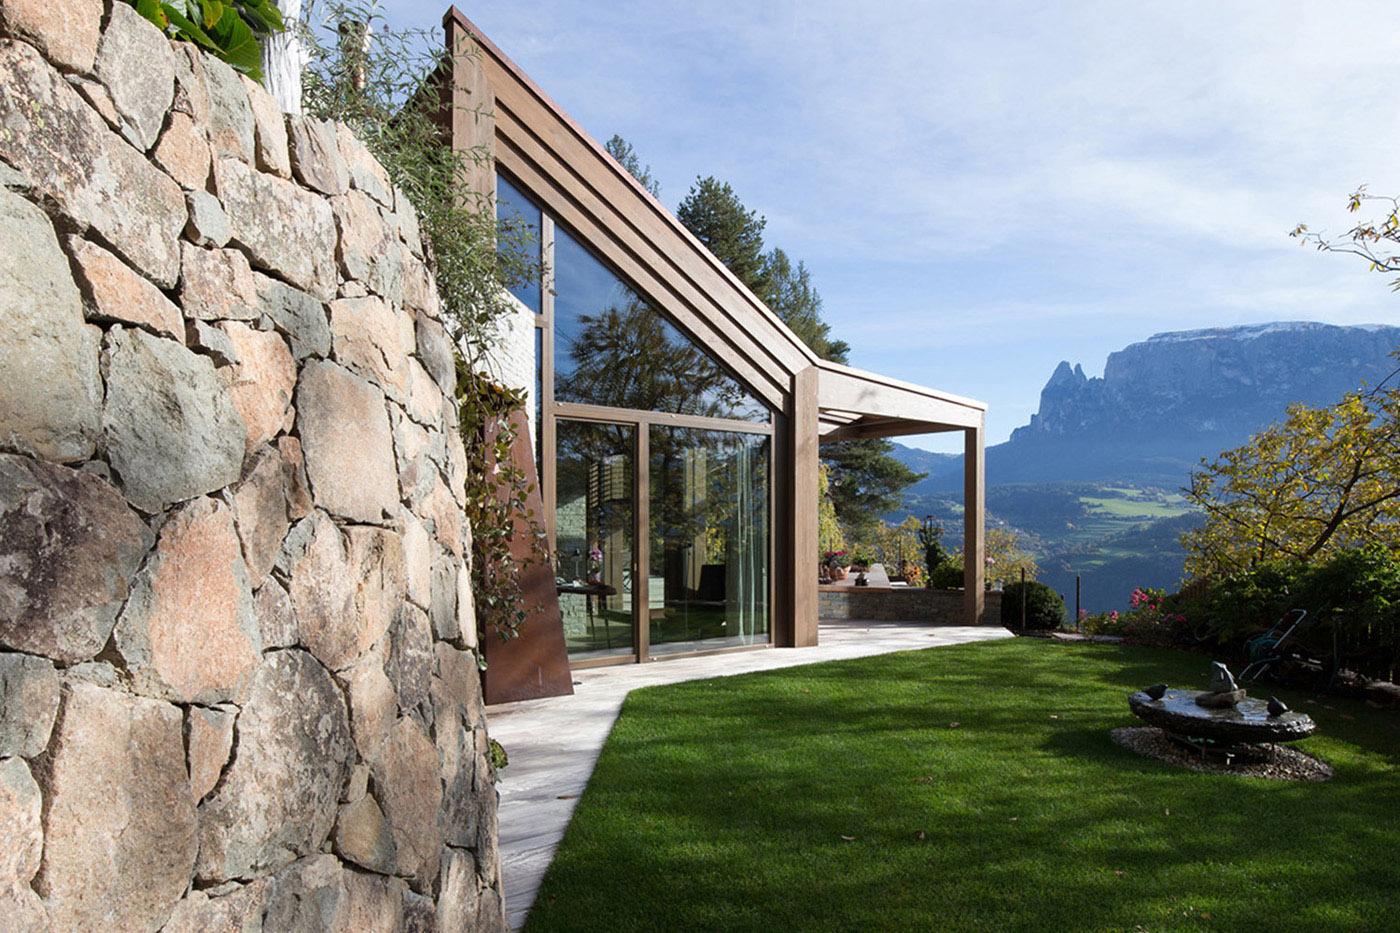 facciata ovest con muro di pietra naturale del luogo